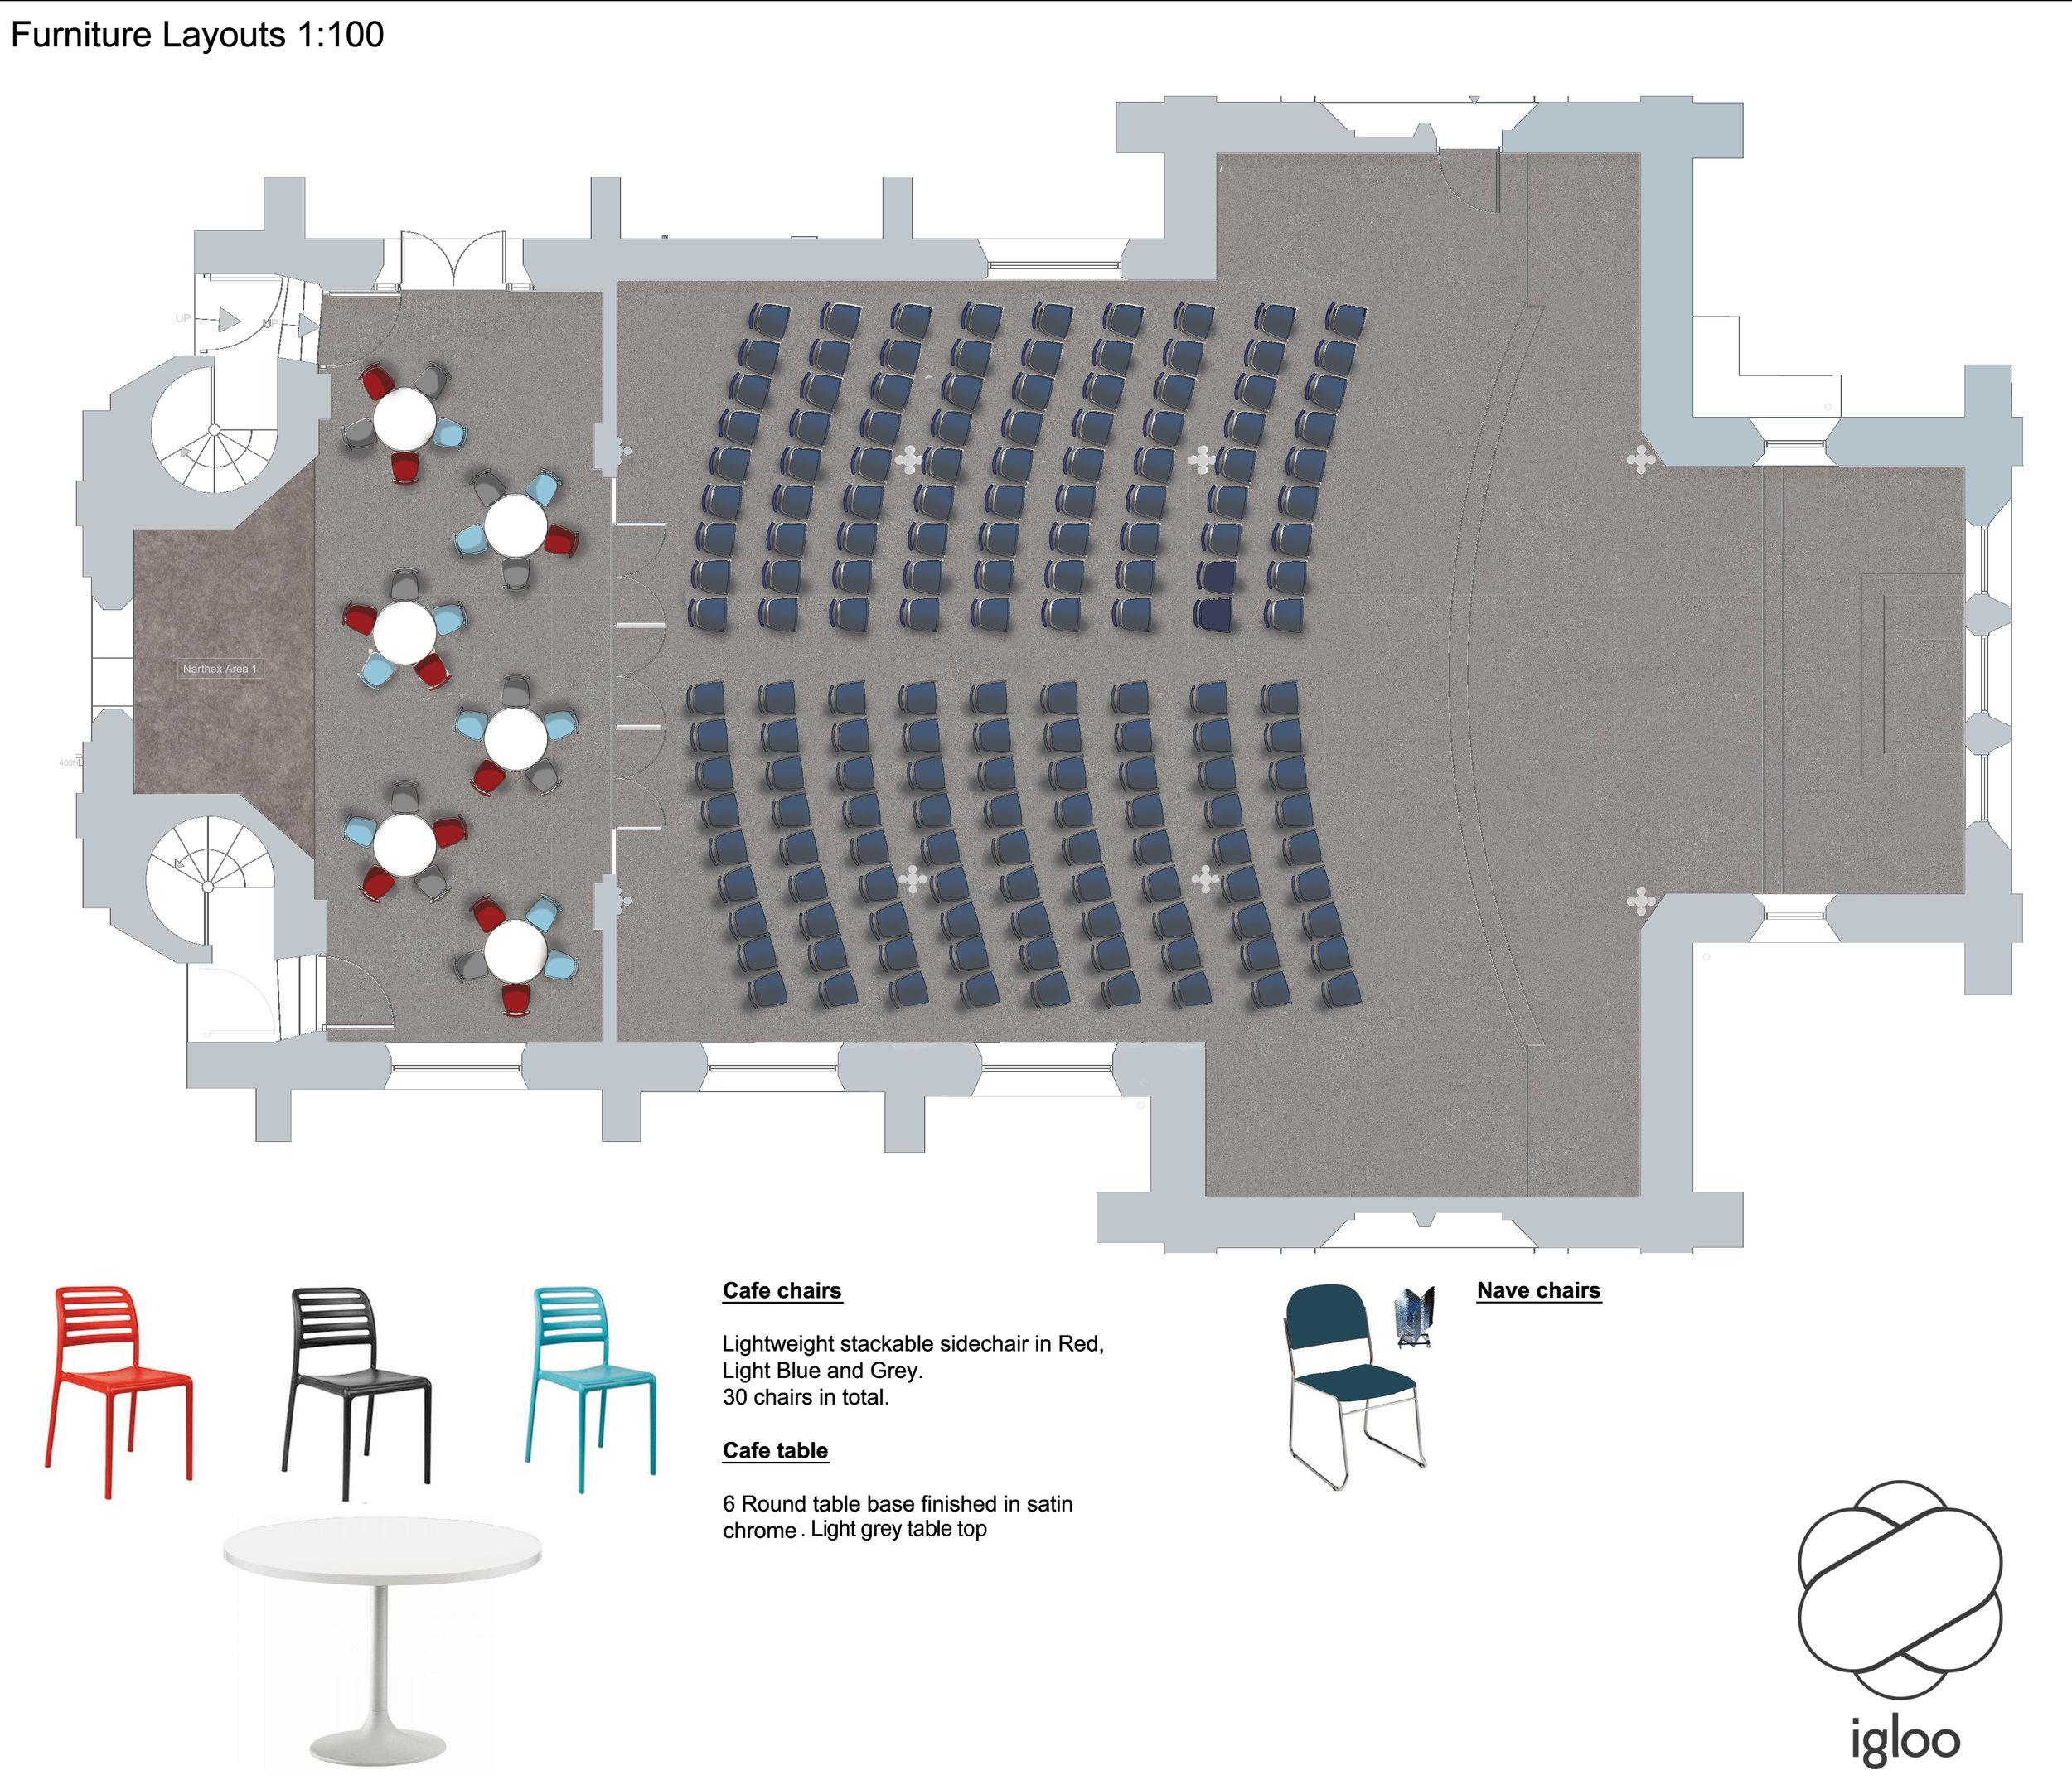 chair layout 6a.jpg